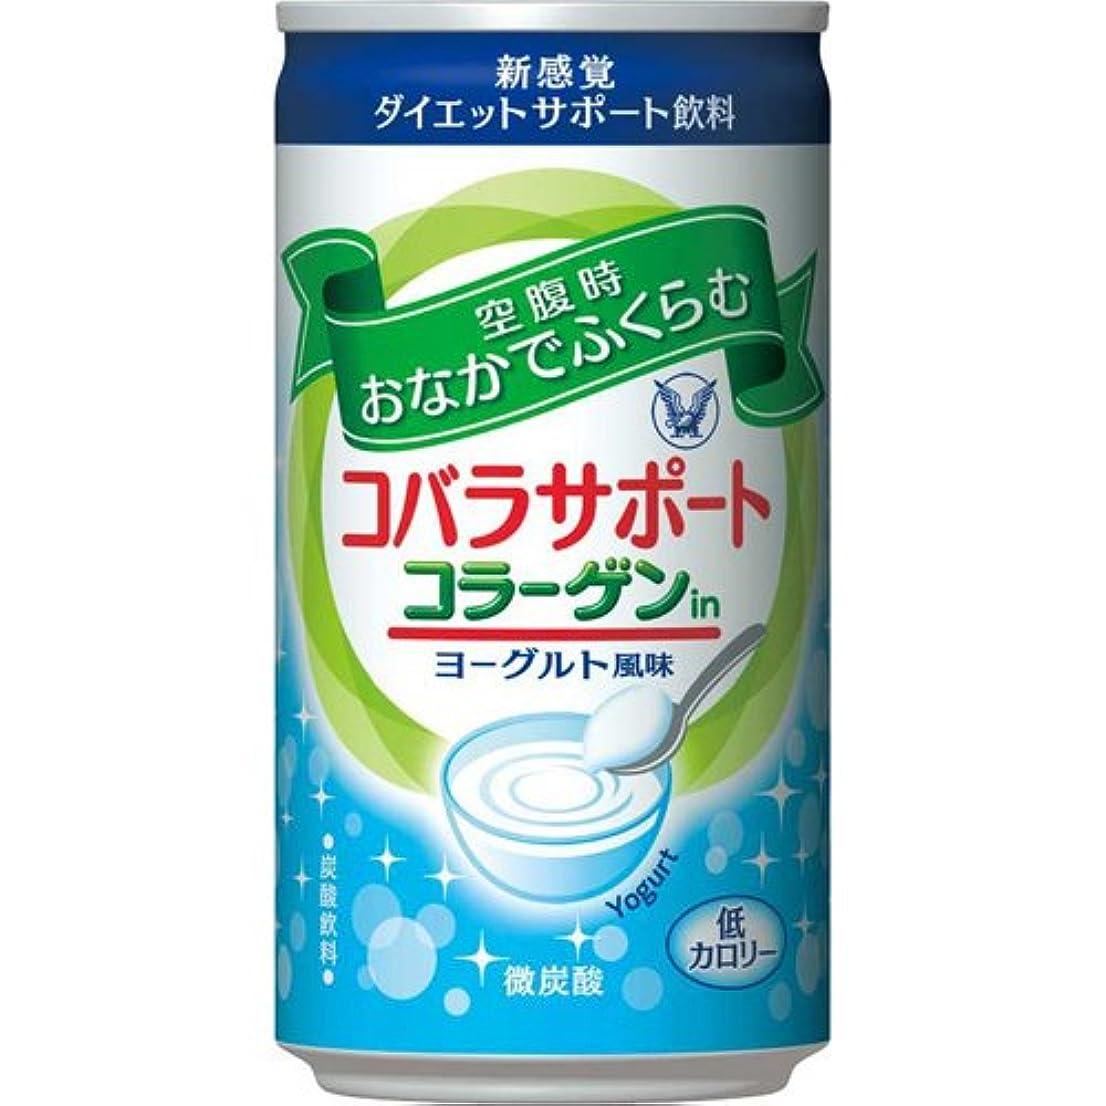 批判瞑想内向き大正製薬 コバラサポート コラーゲンinヨーグルト風味 1缶